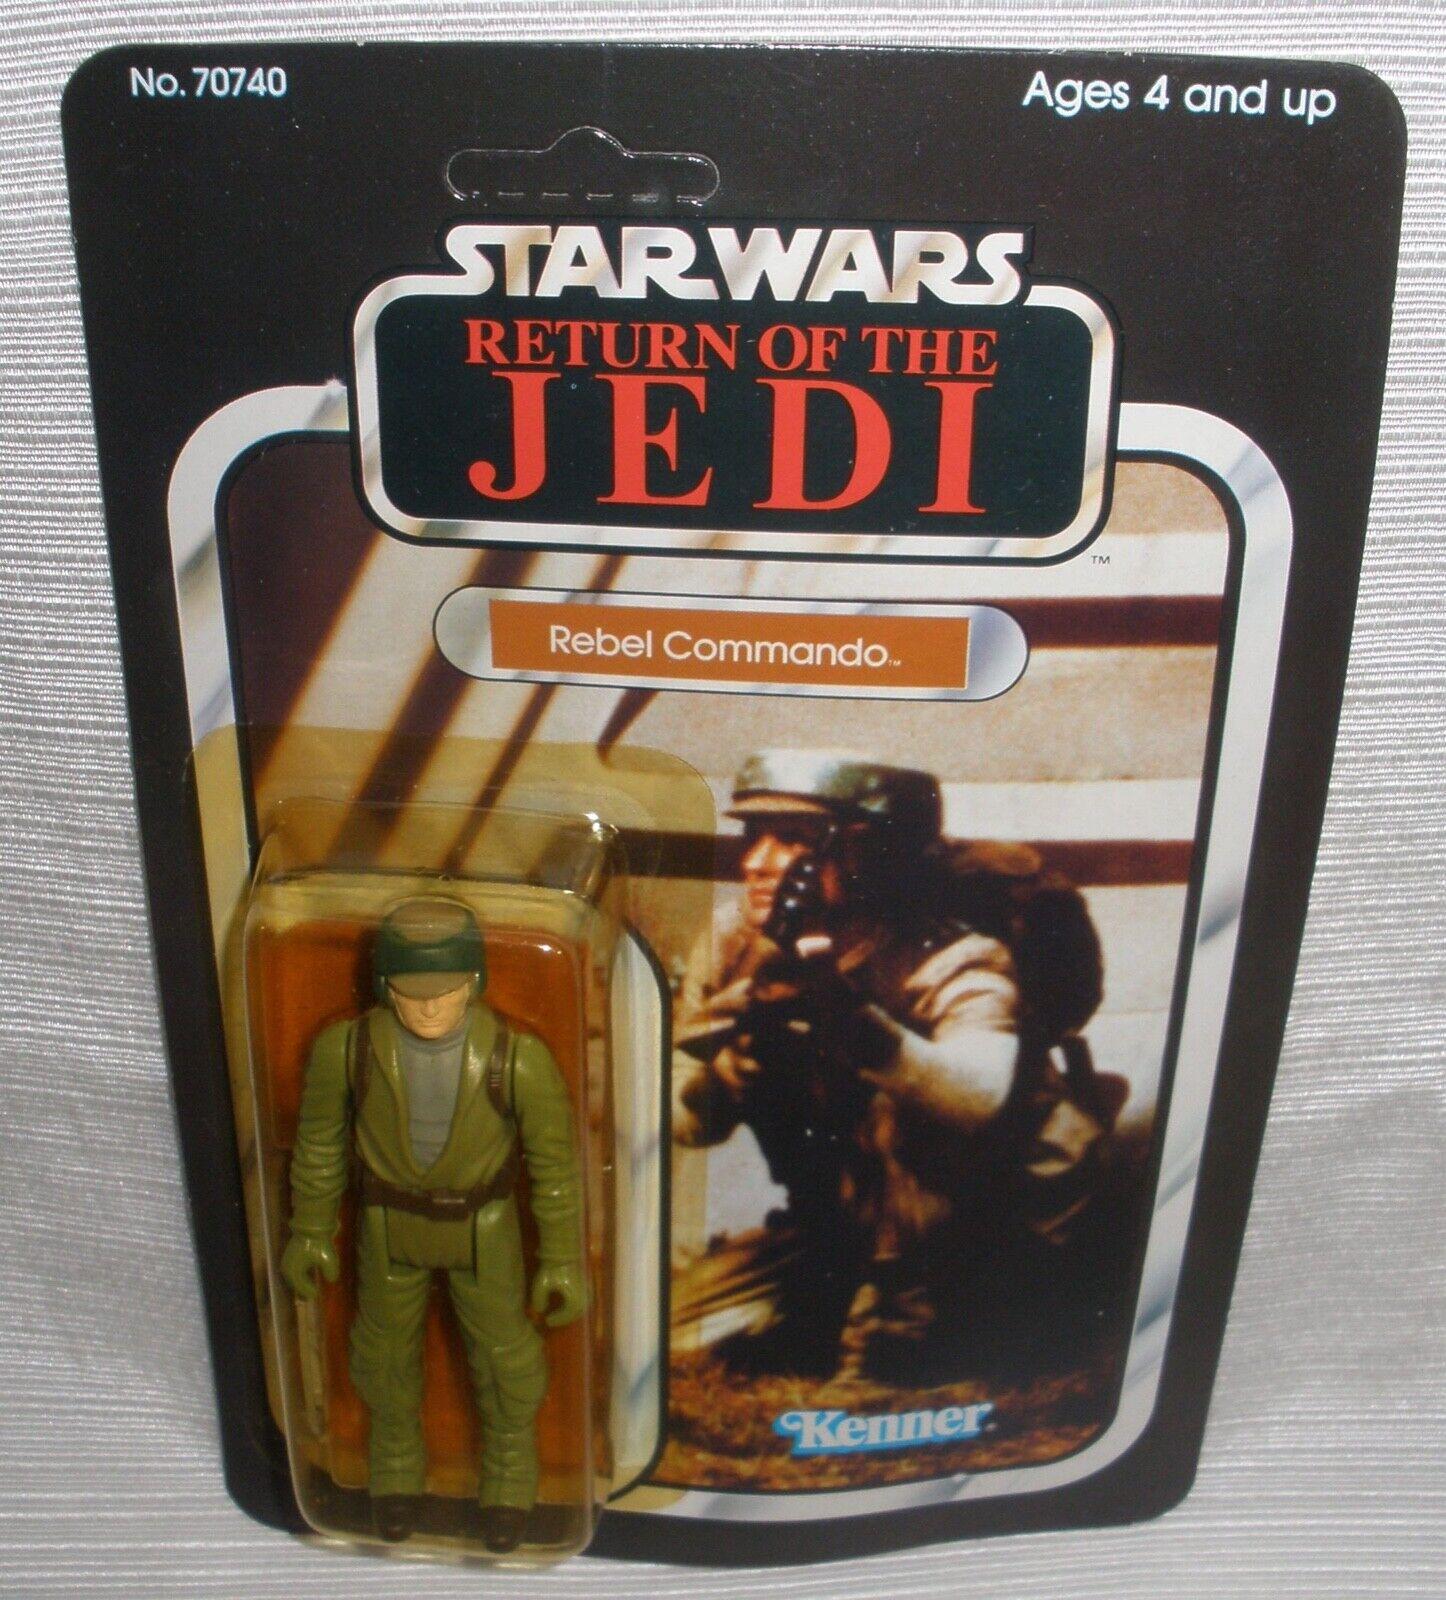 Star Wars rödJ Rebell Commando actionfigur ny på kortet